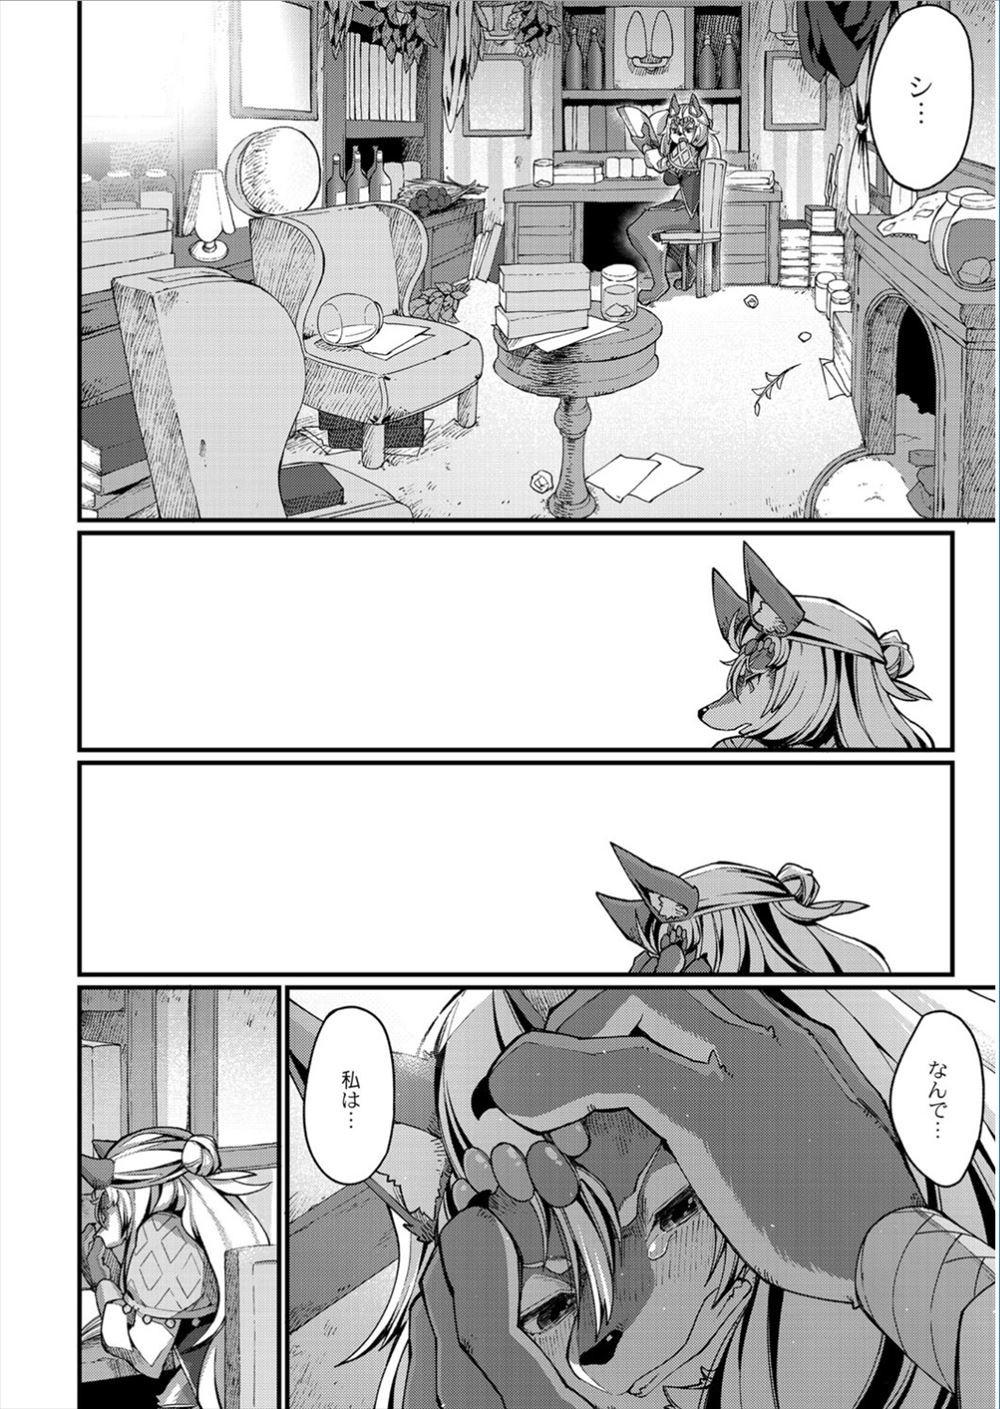 【エロ漫画同人誌】少年シドと獣女魔法使いのベルティアーノの甘く切ないストーリー。 024